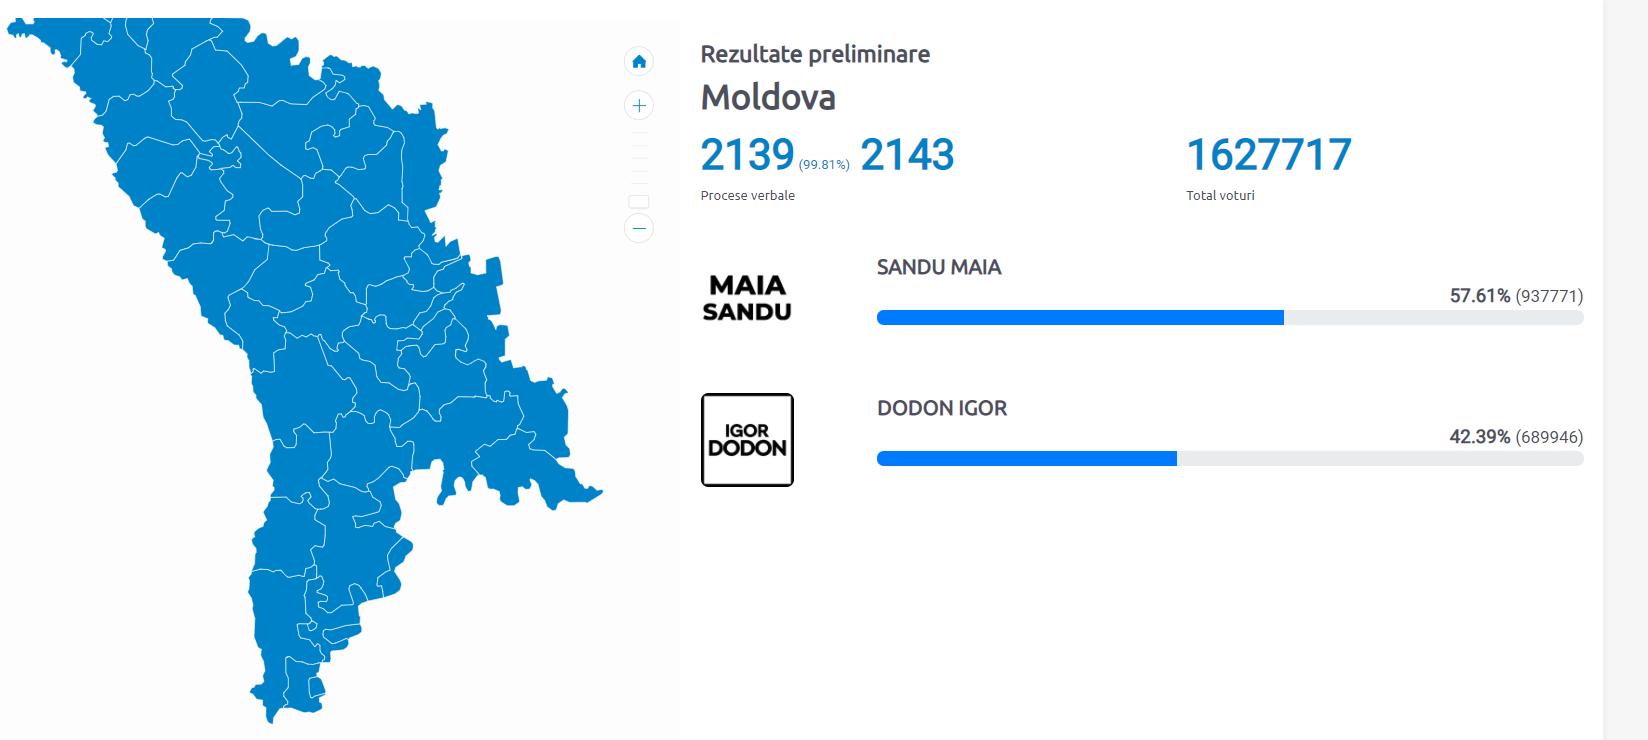 Результаты выборов в Молдове